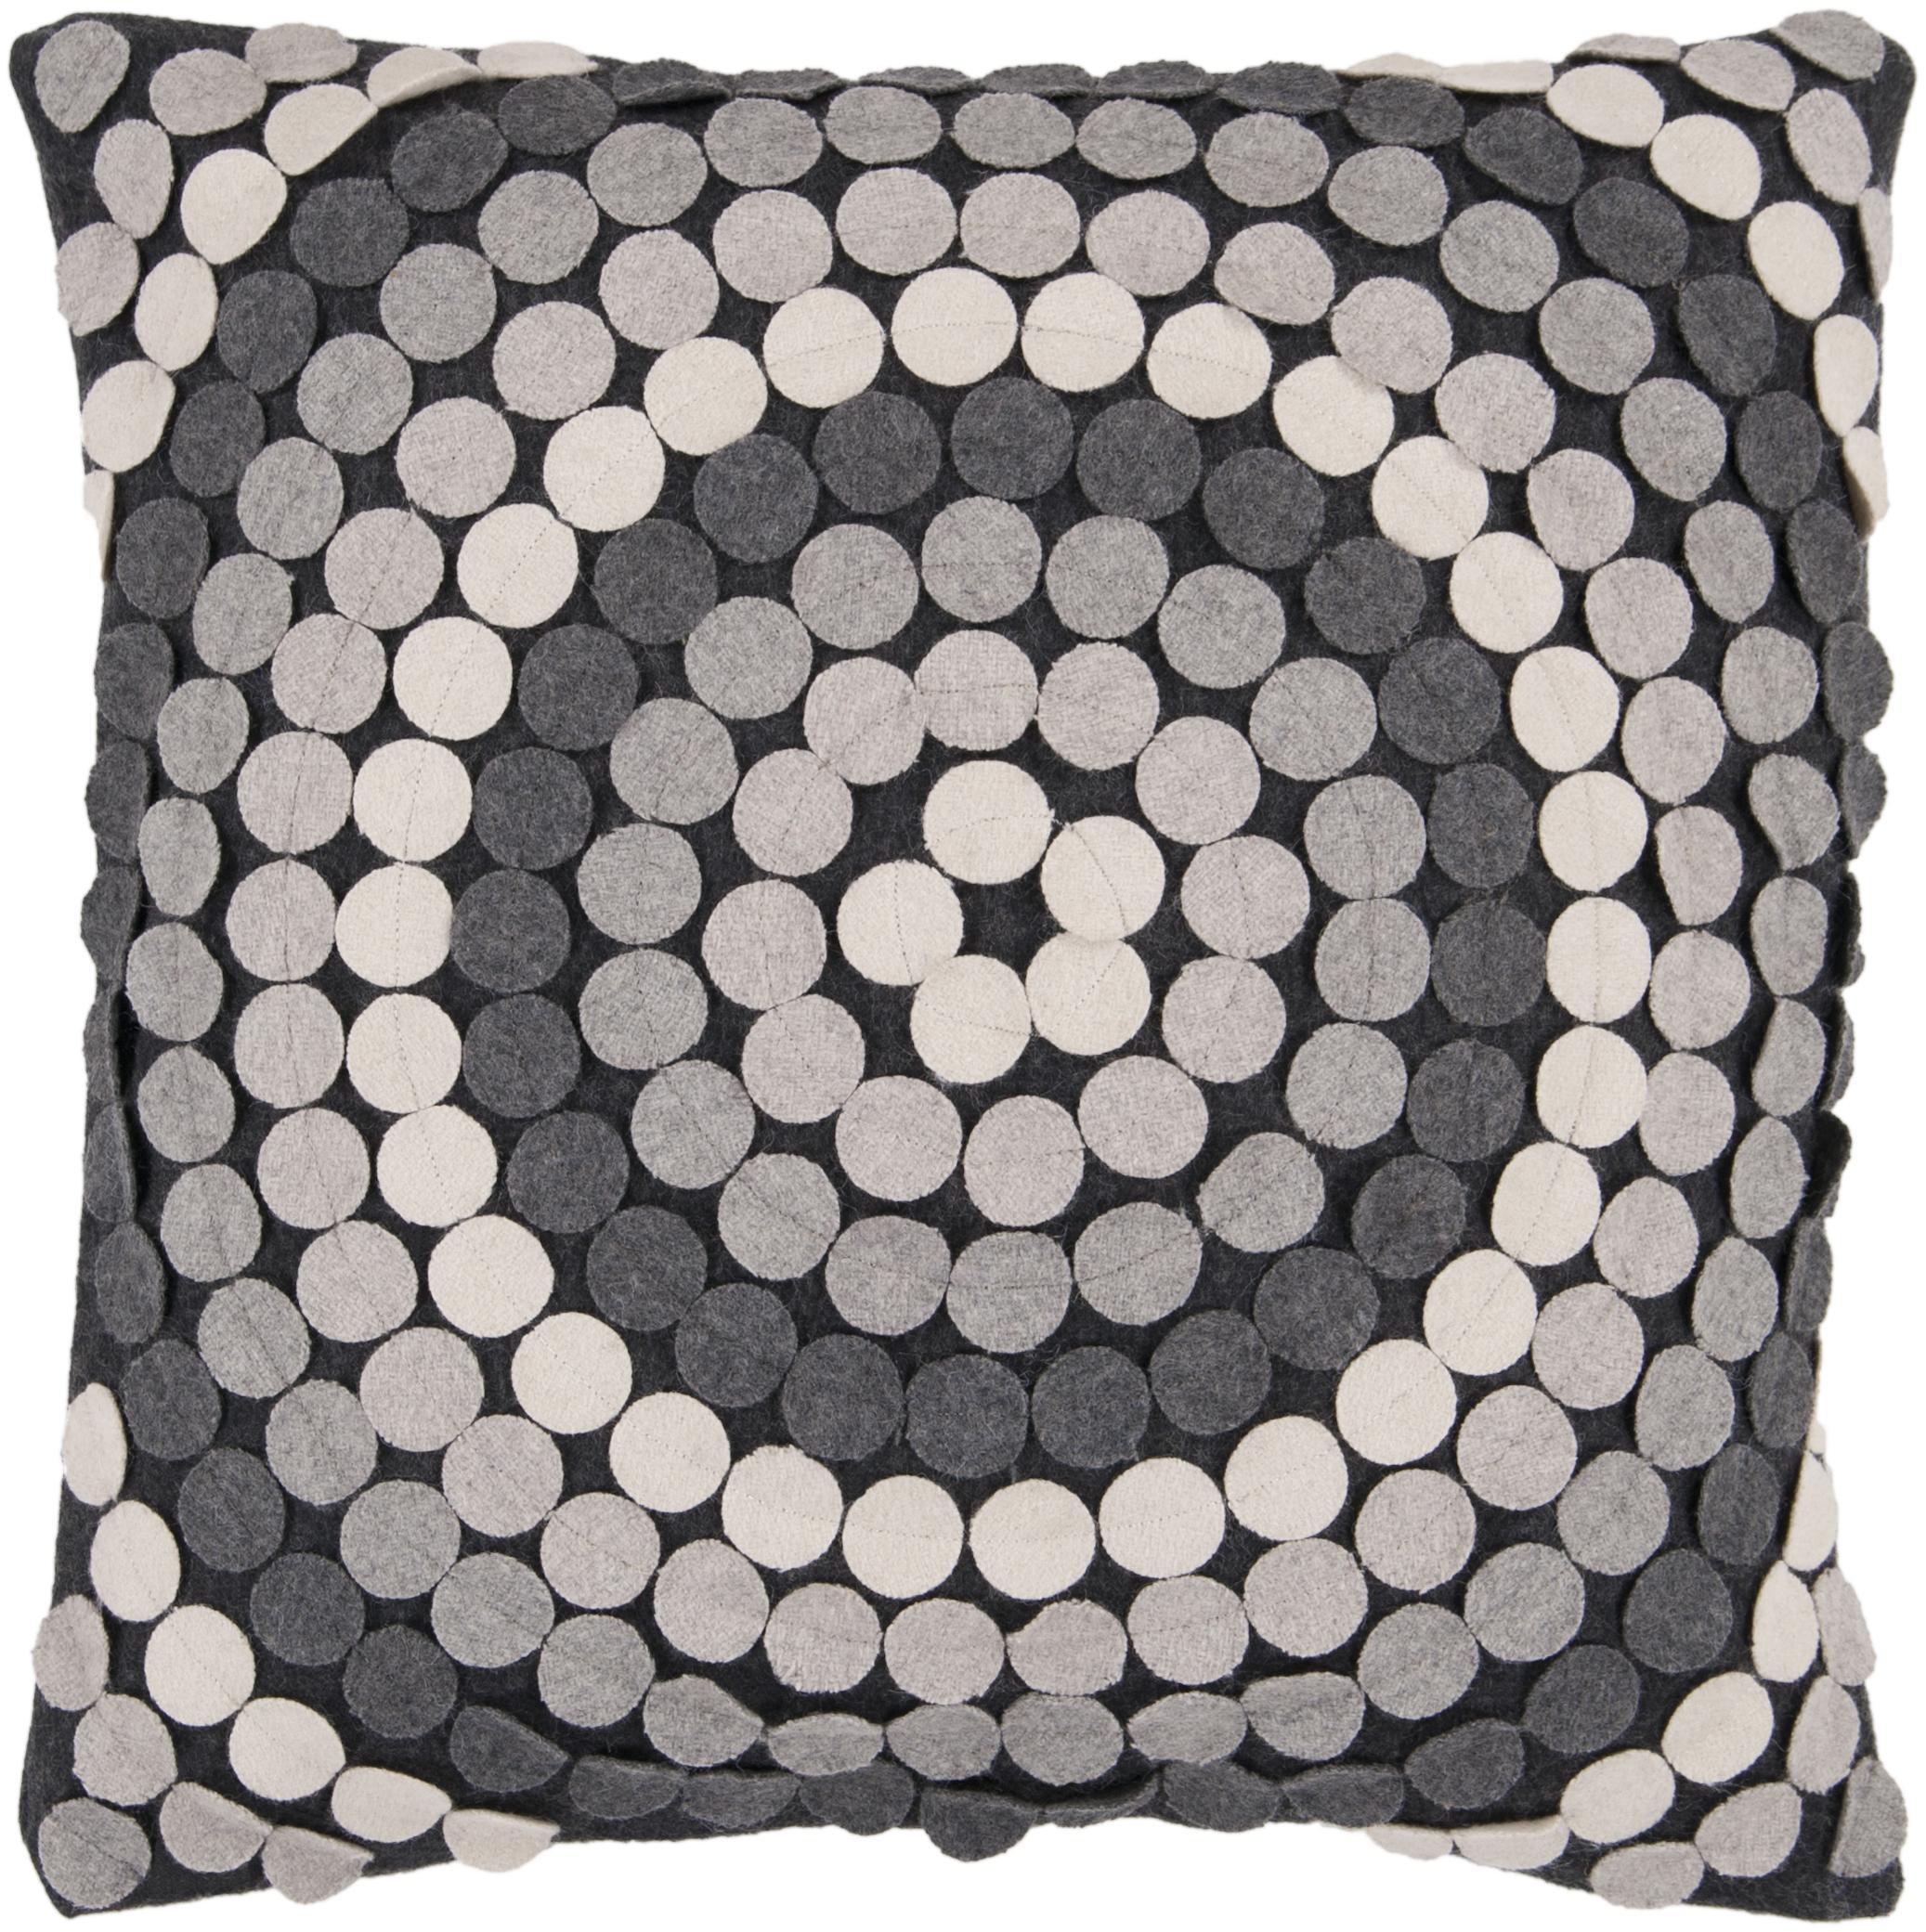 """Surya Rugs Pillows 18"""" x 18"""" Pillow - Item Number: CW056-1818P"""